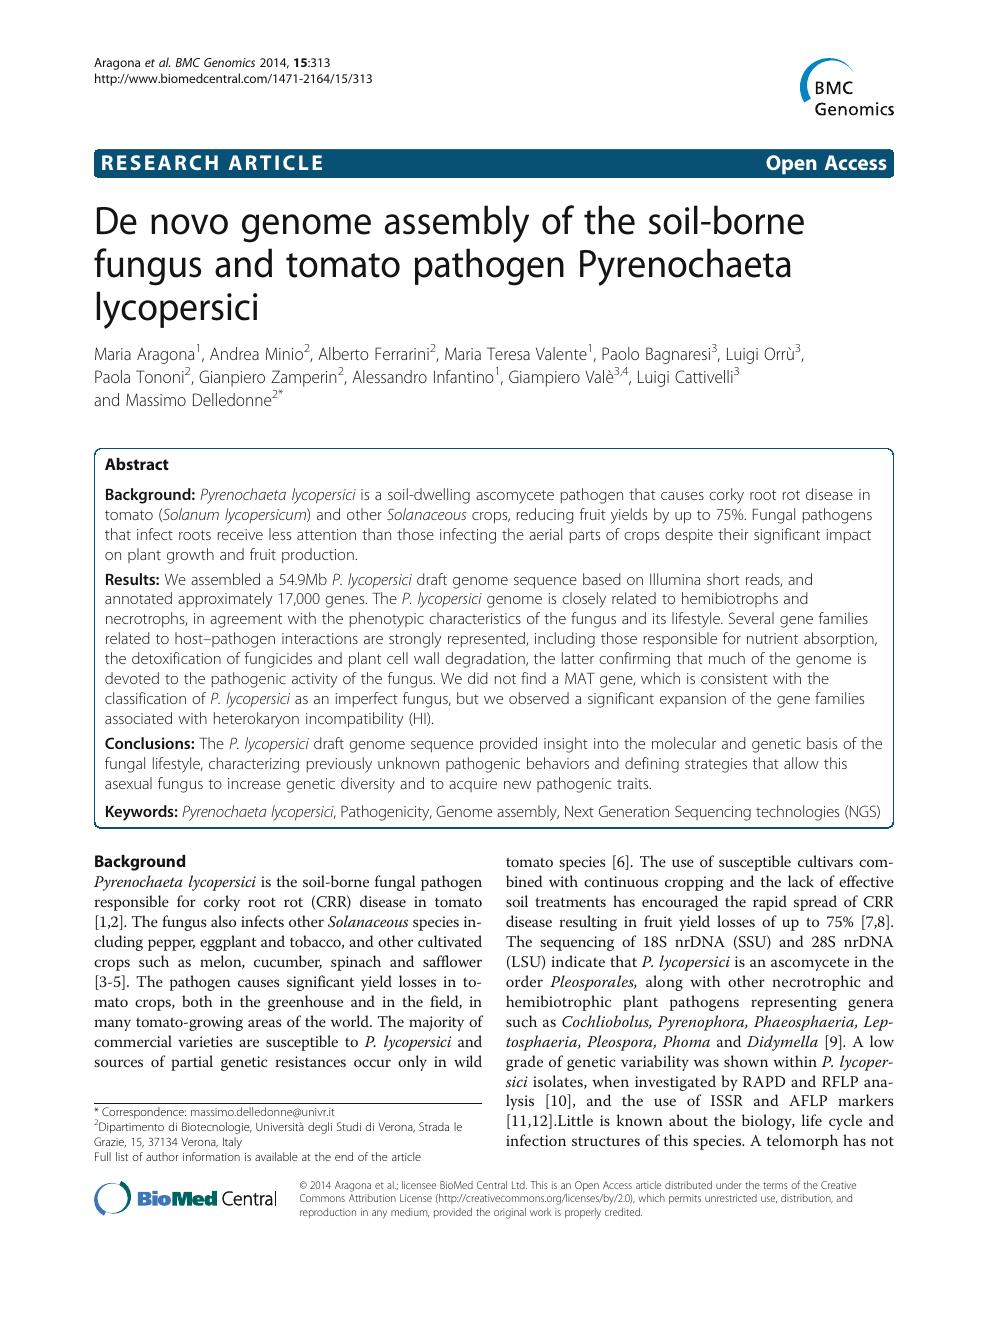 De novo genome assembly of the soil-borne fungus and tomato